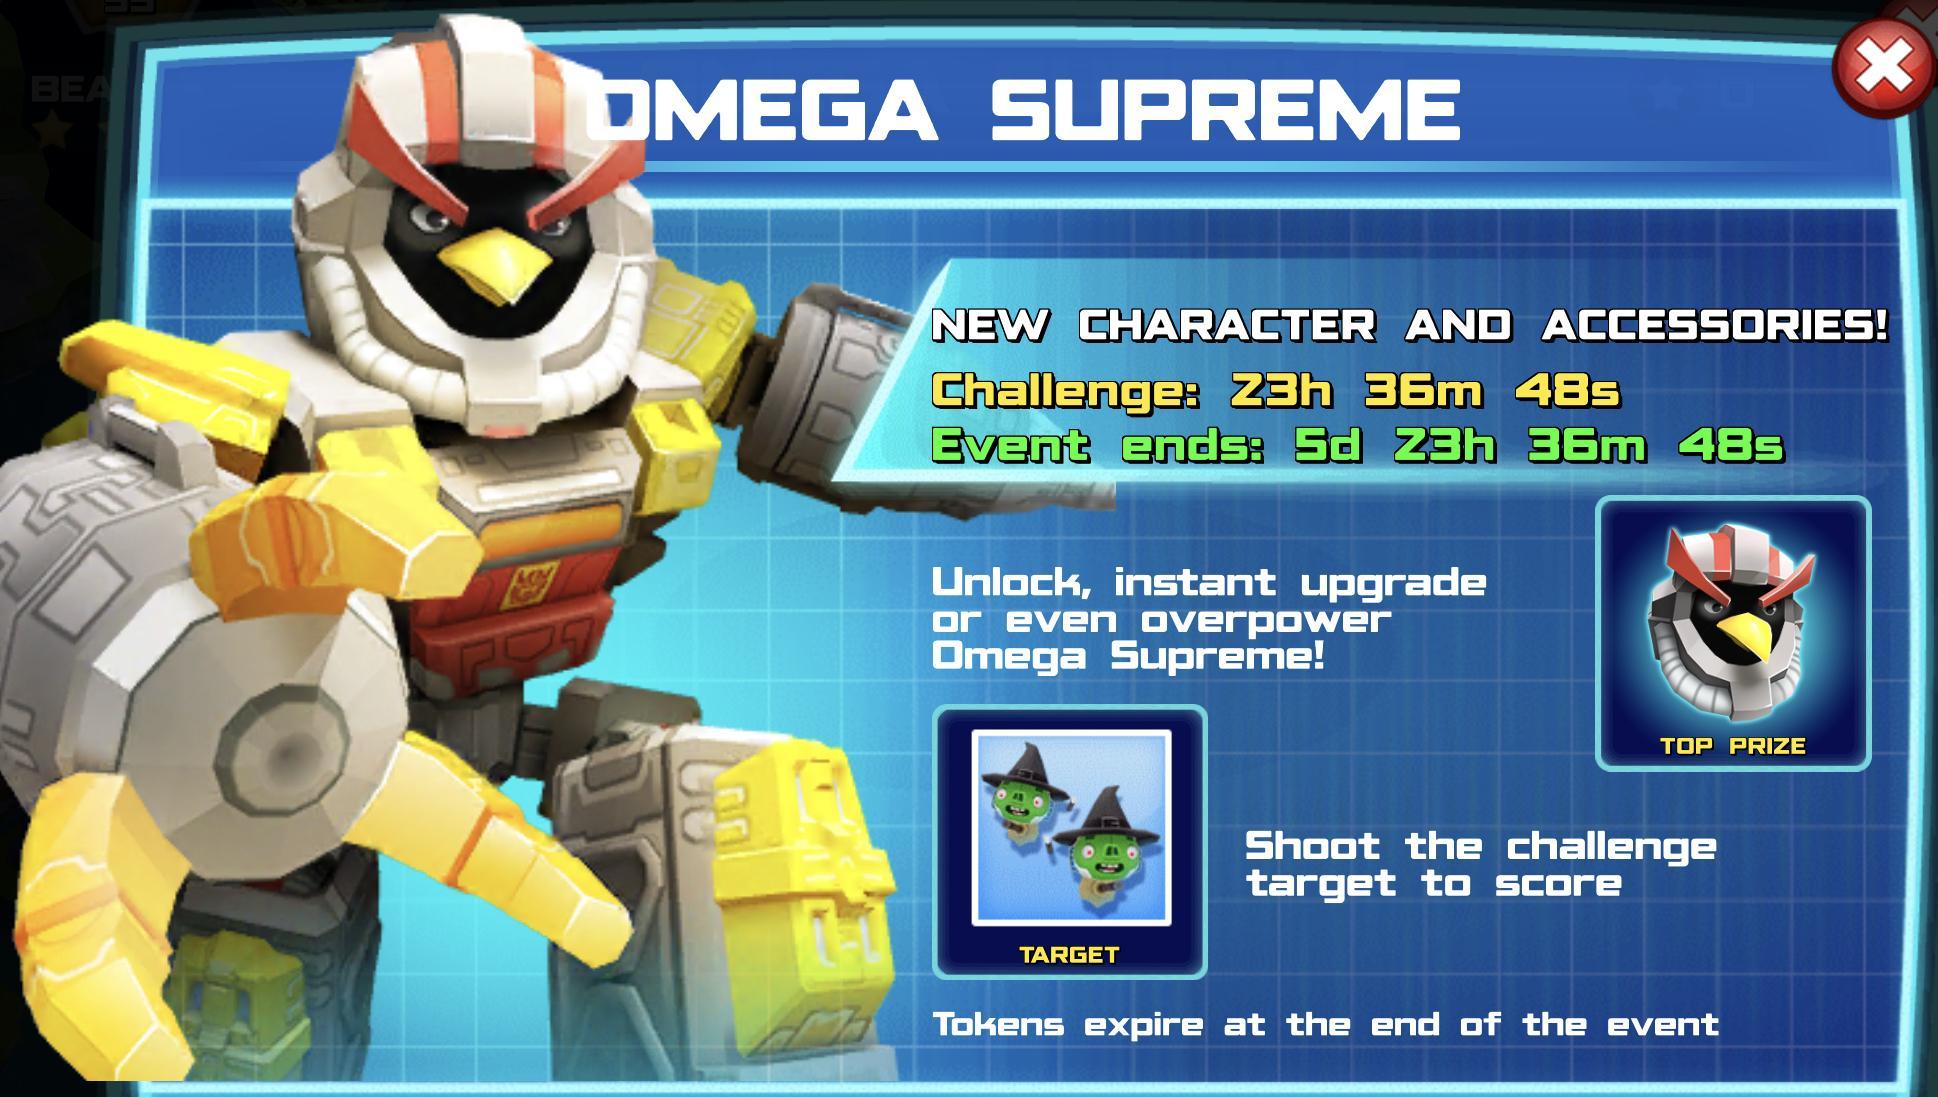 Omega Supreme event banner